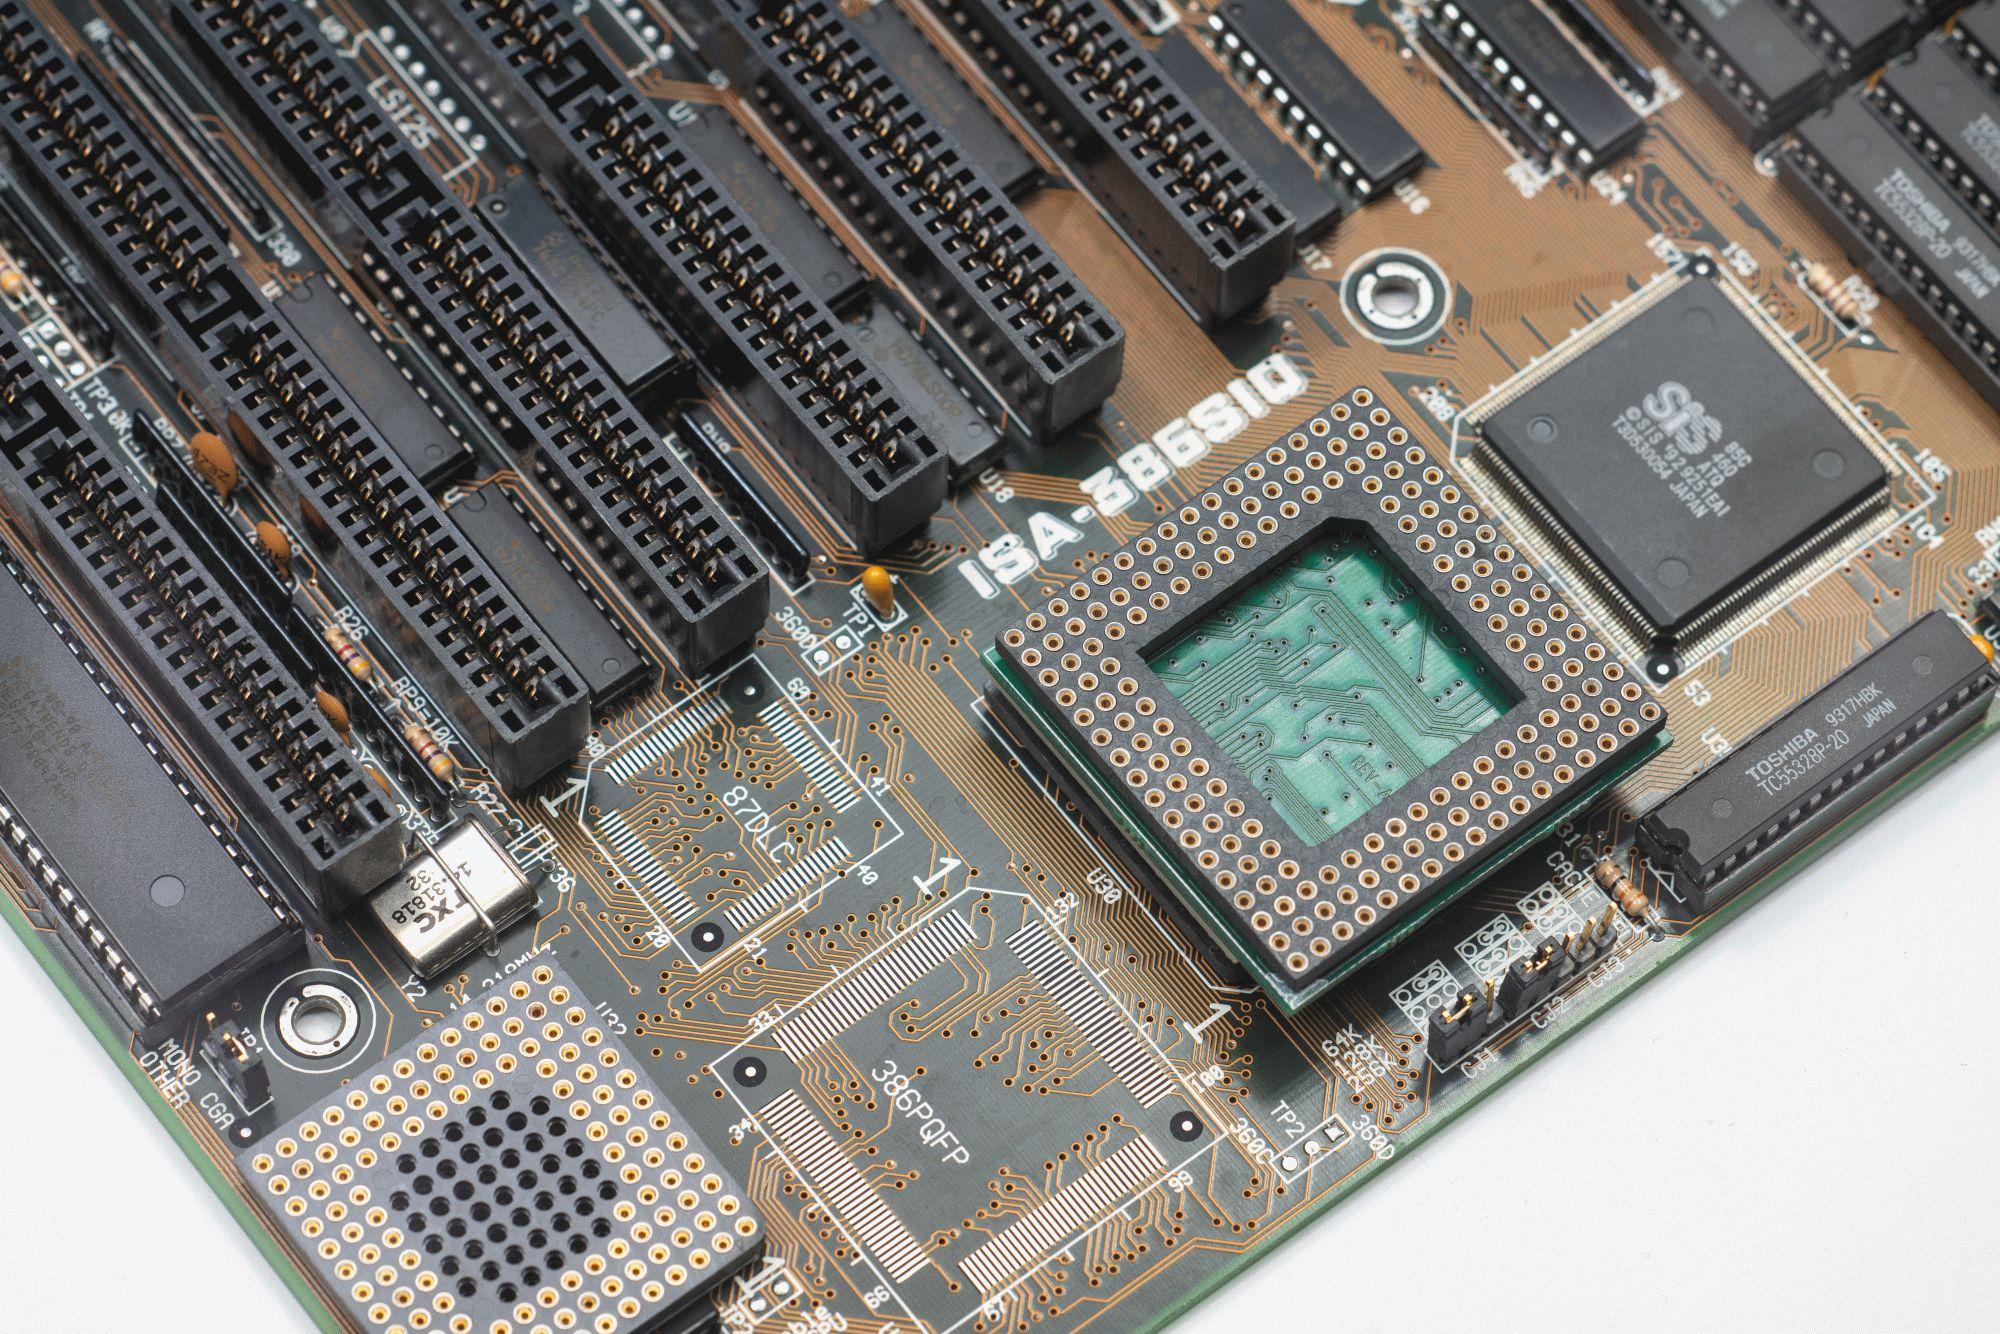 Древности: беспощадный апгрейд 386-го компьютера - 24